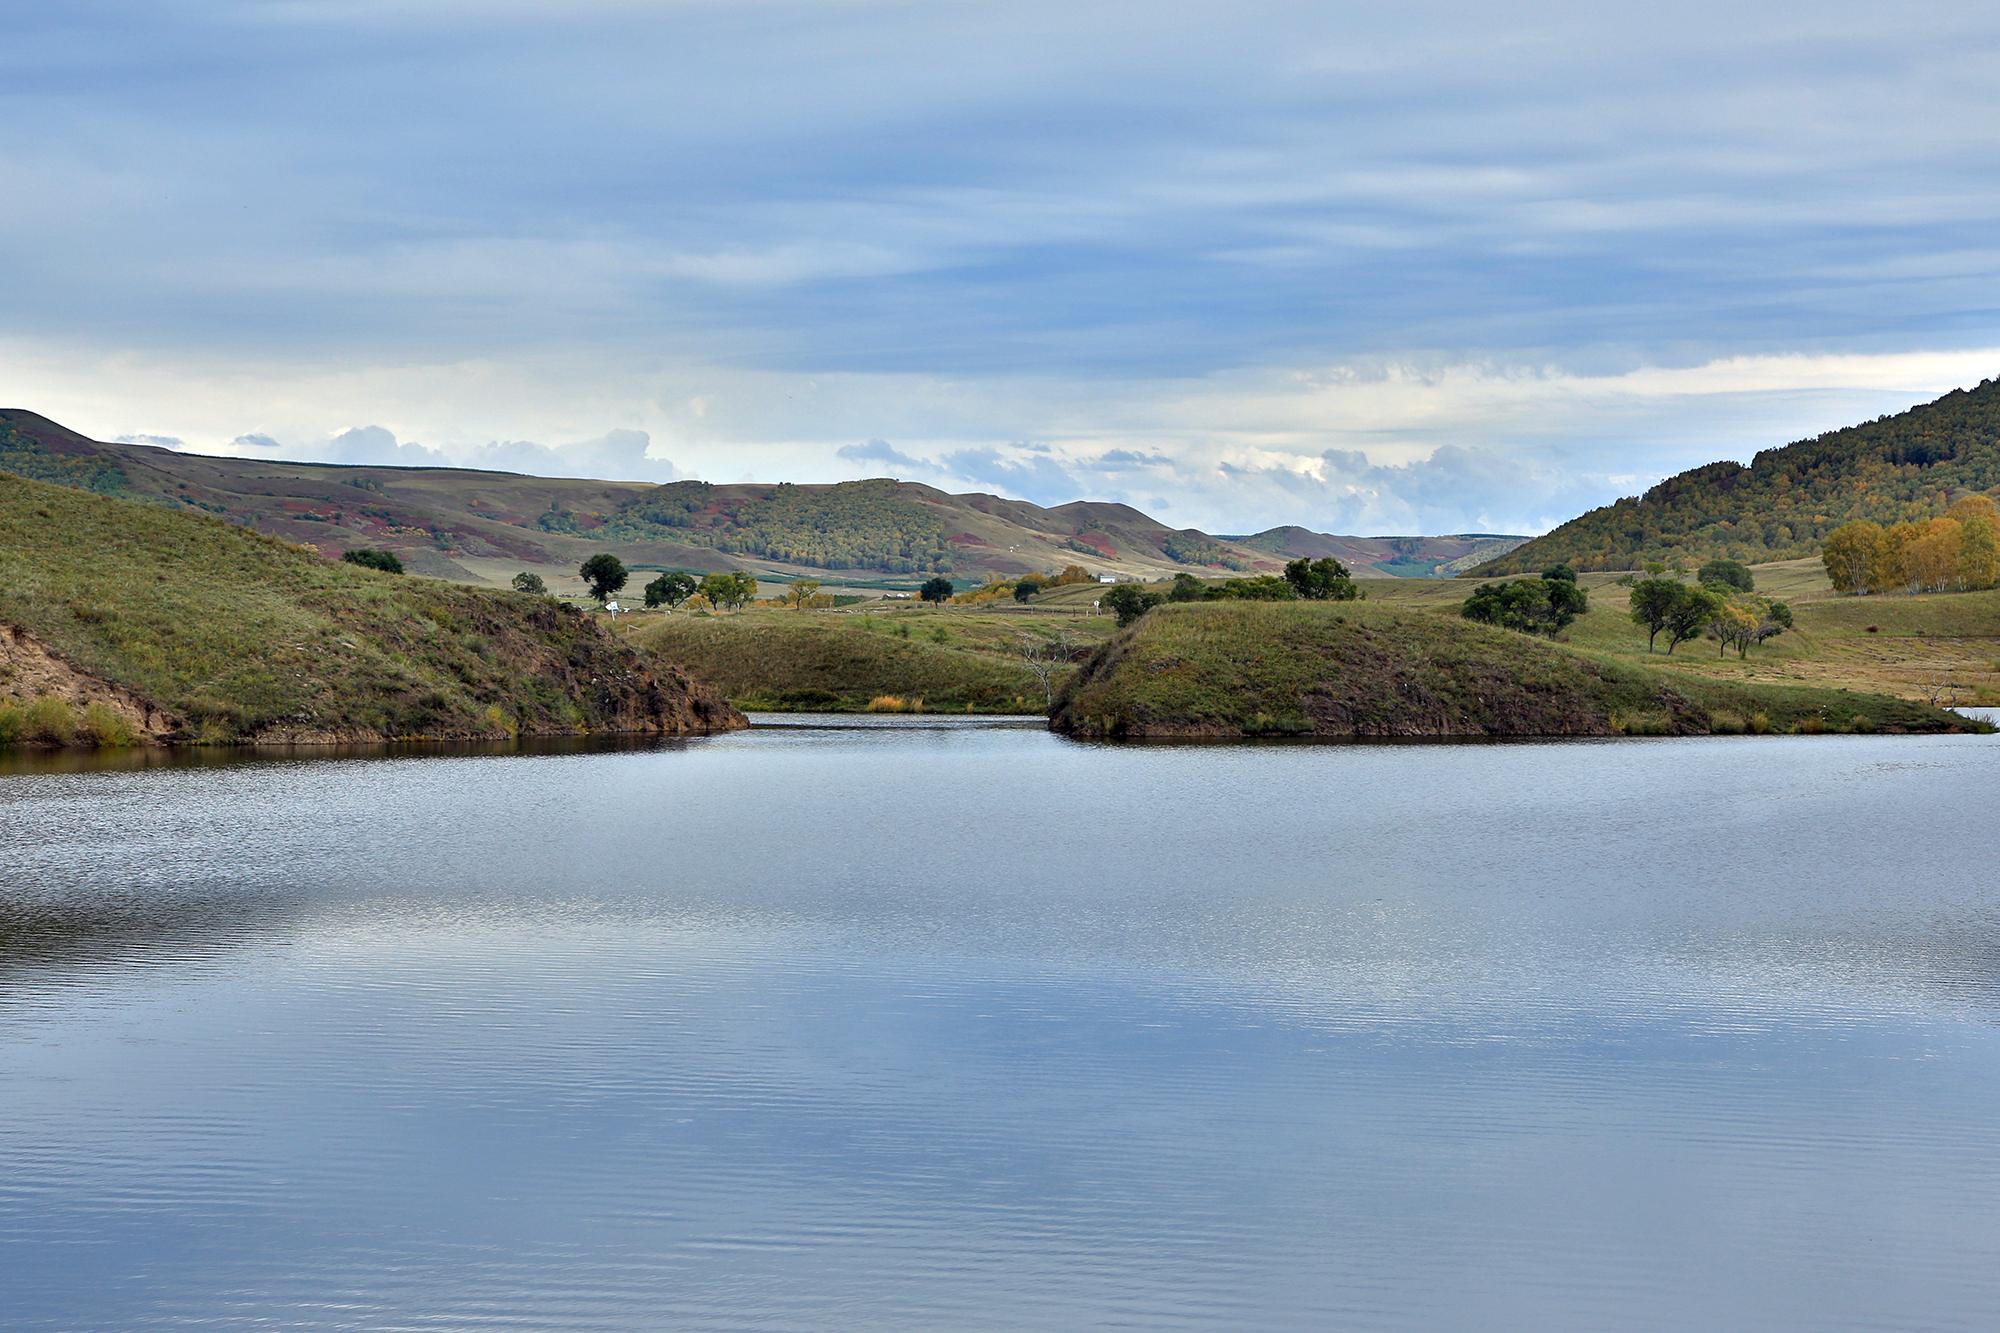 蛤蟆壩,這個沒有蛤蟆只有景色的草原,初秋色彩斑斕